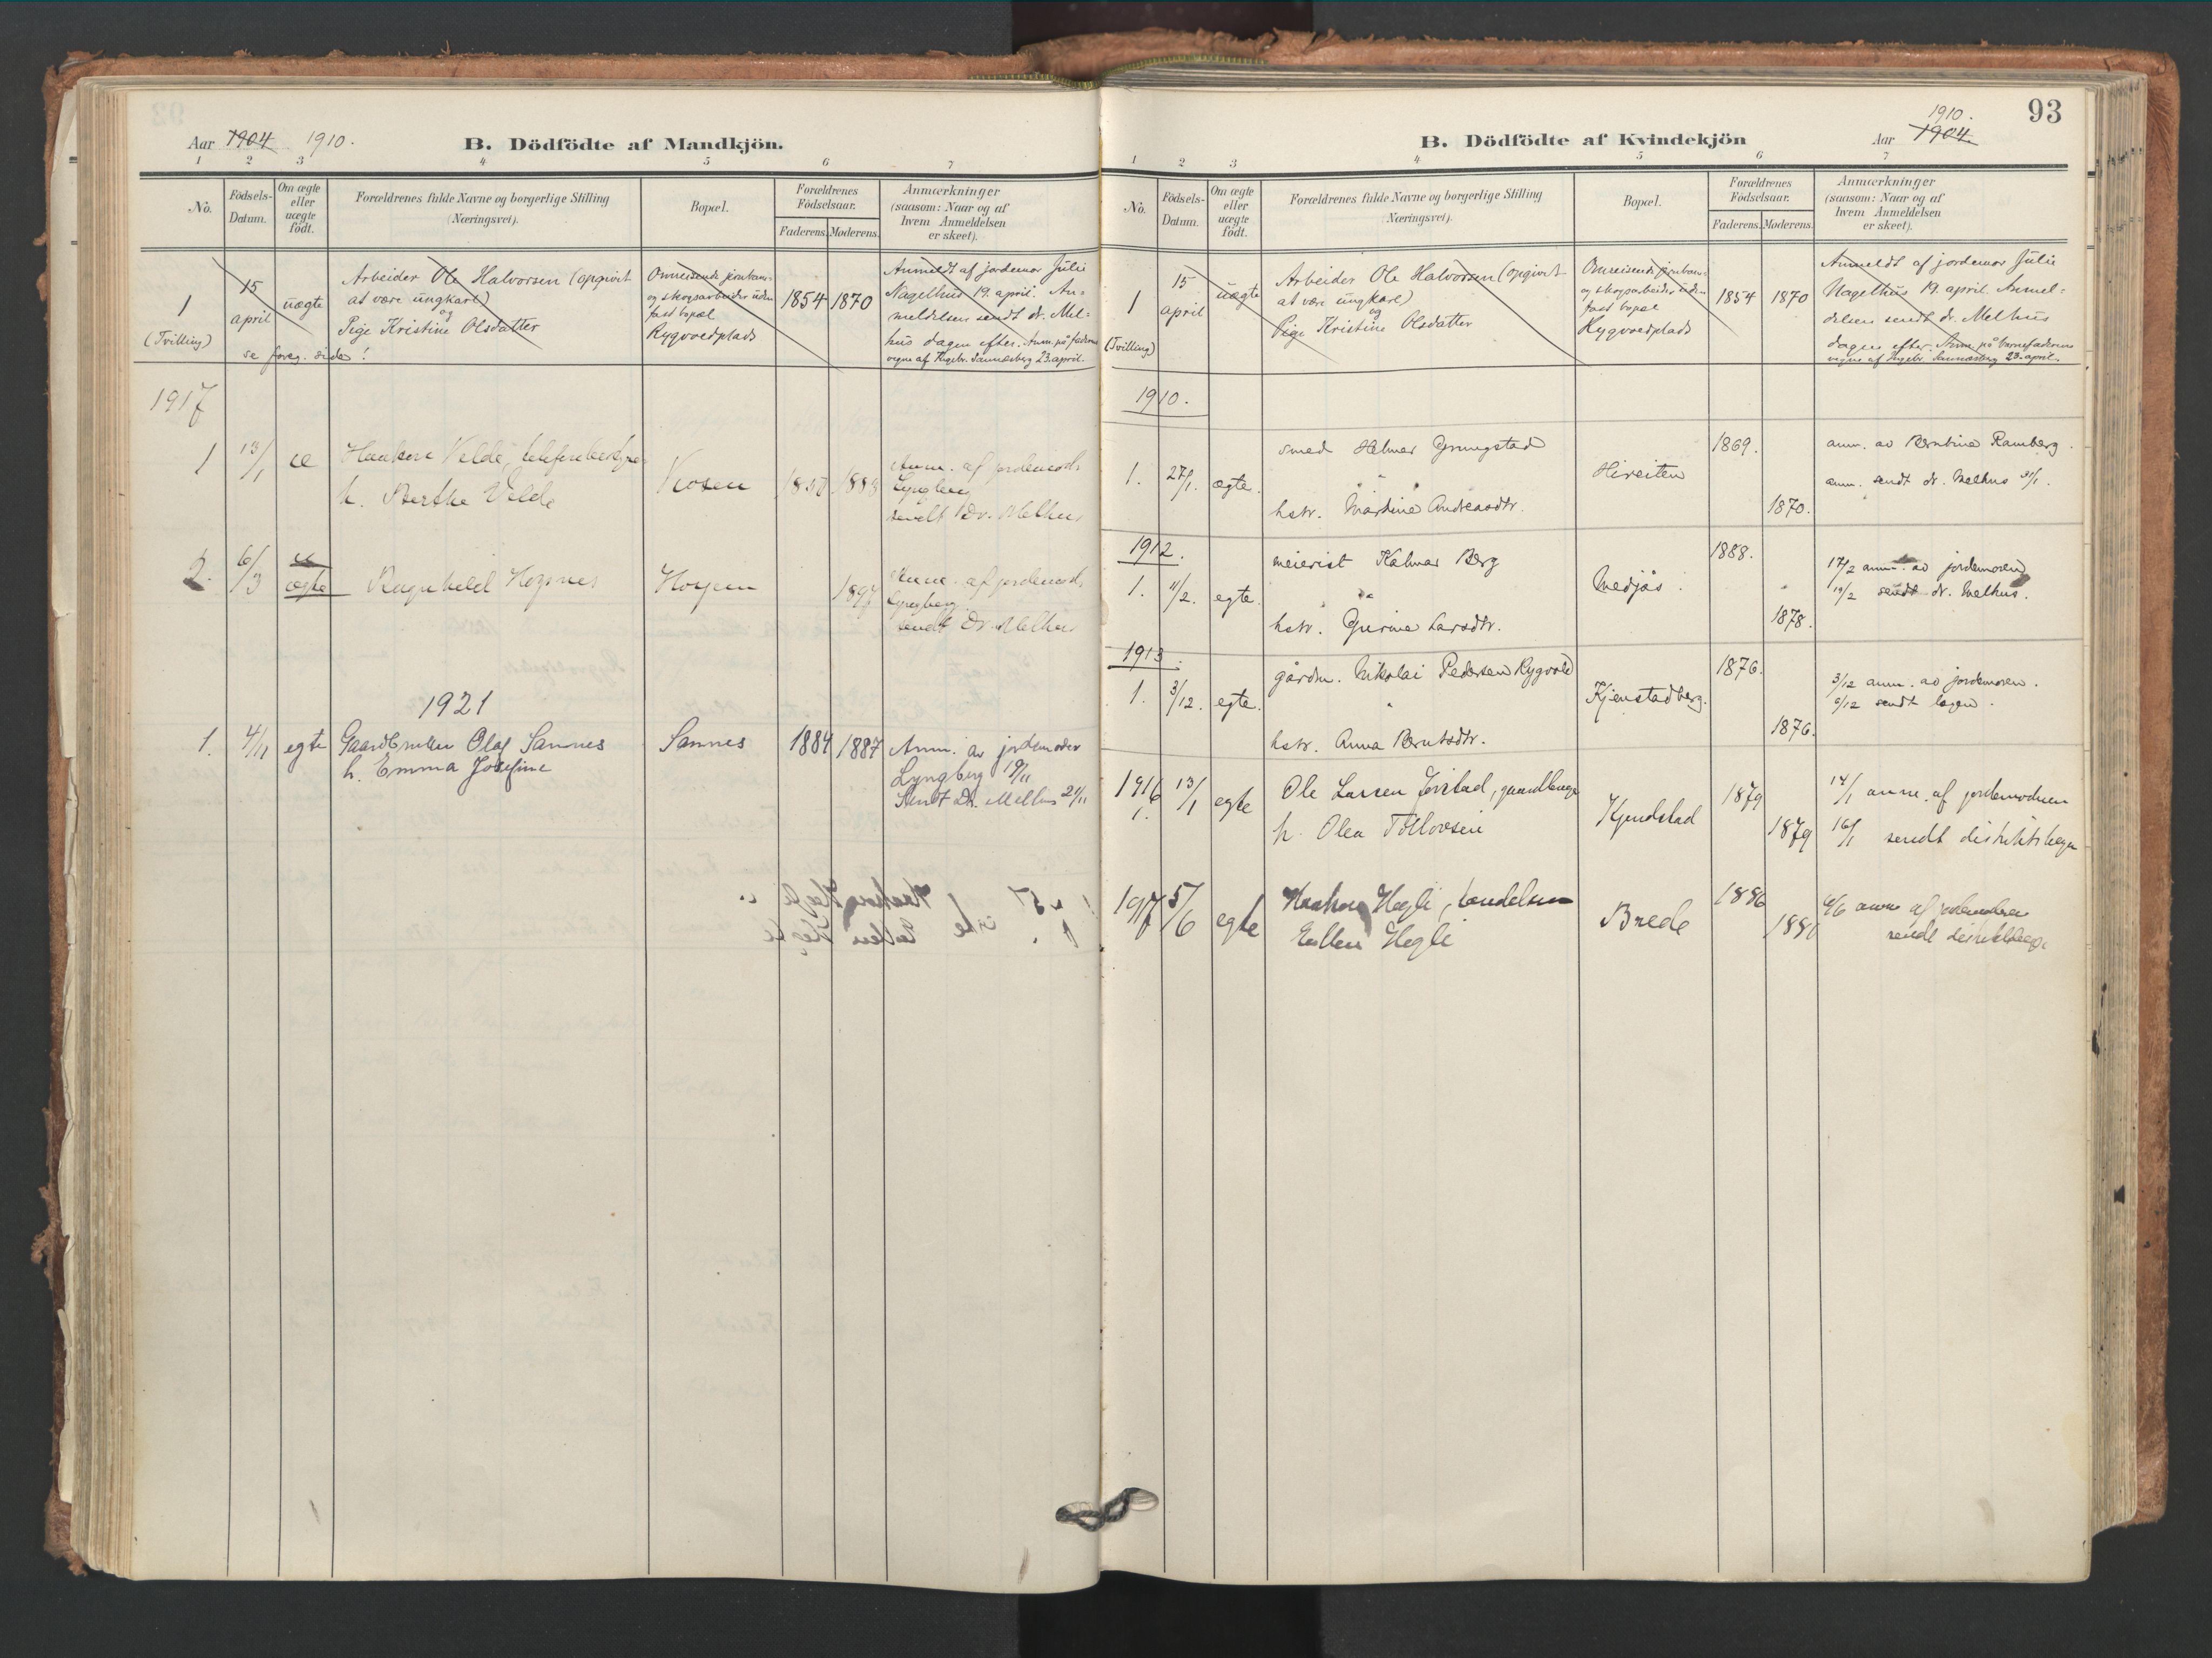 SAT, Ministerialprotokoller, klokkerbøker og fødselsregistre - Nord-Trøndelag, 749/L0477: Ministerialbok nr. 749A11, 1902-1927, s. 93